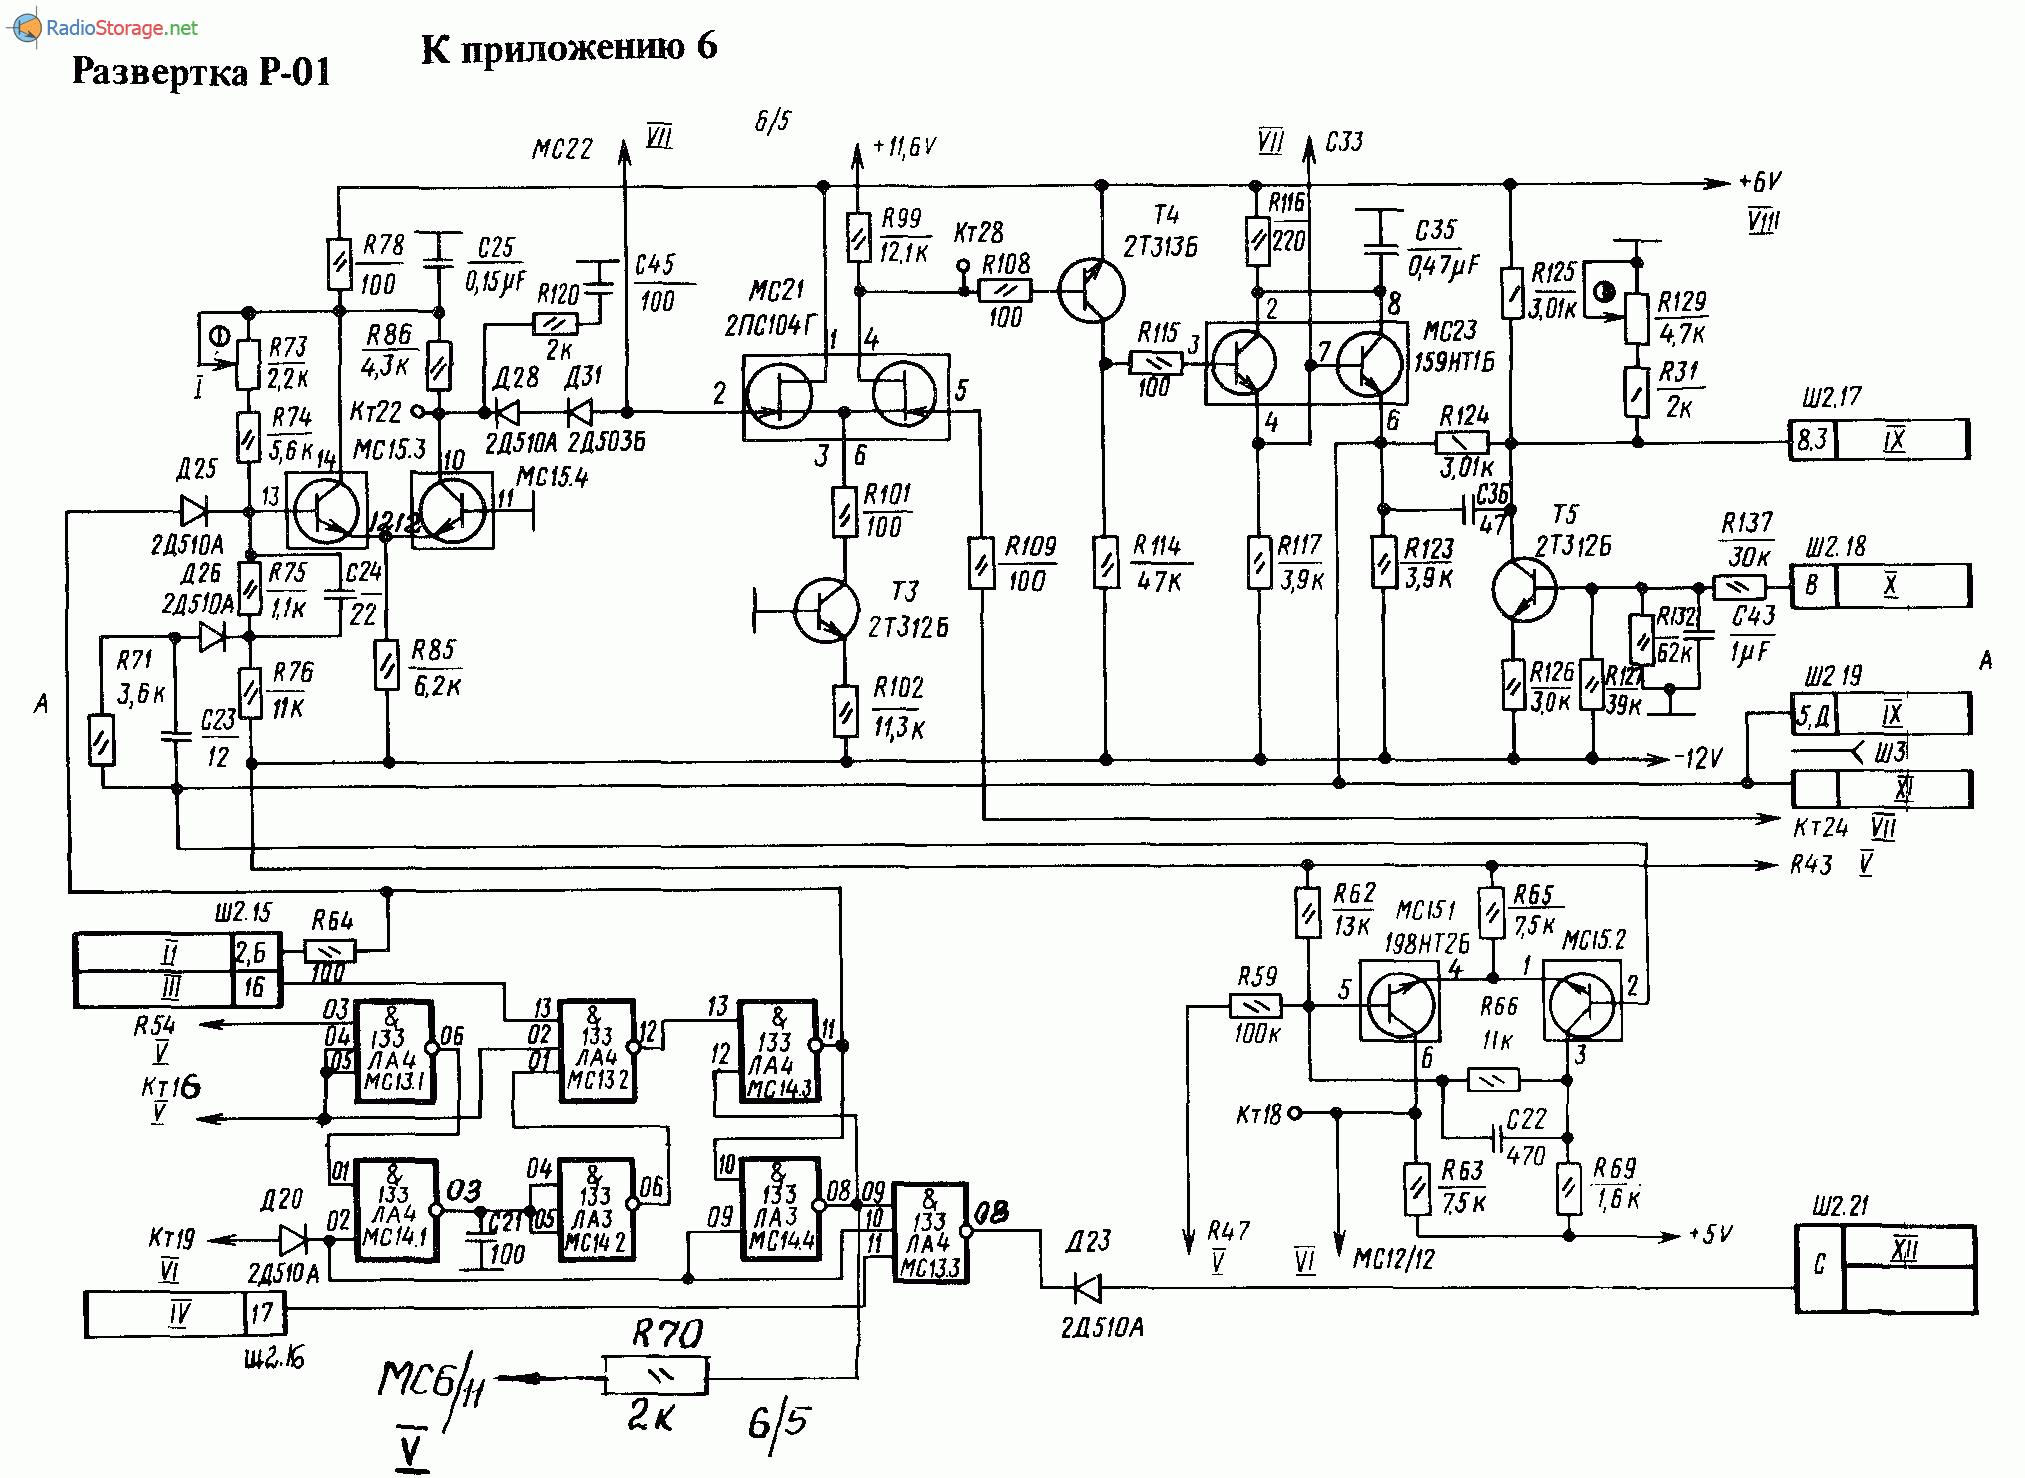 осциллограф с1 64 а схема